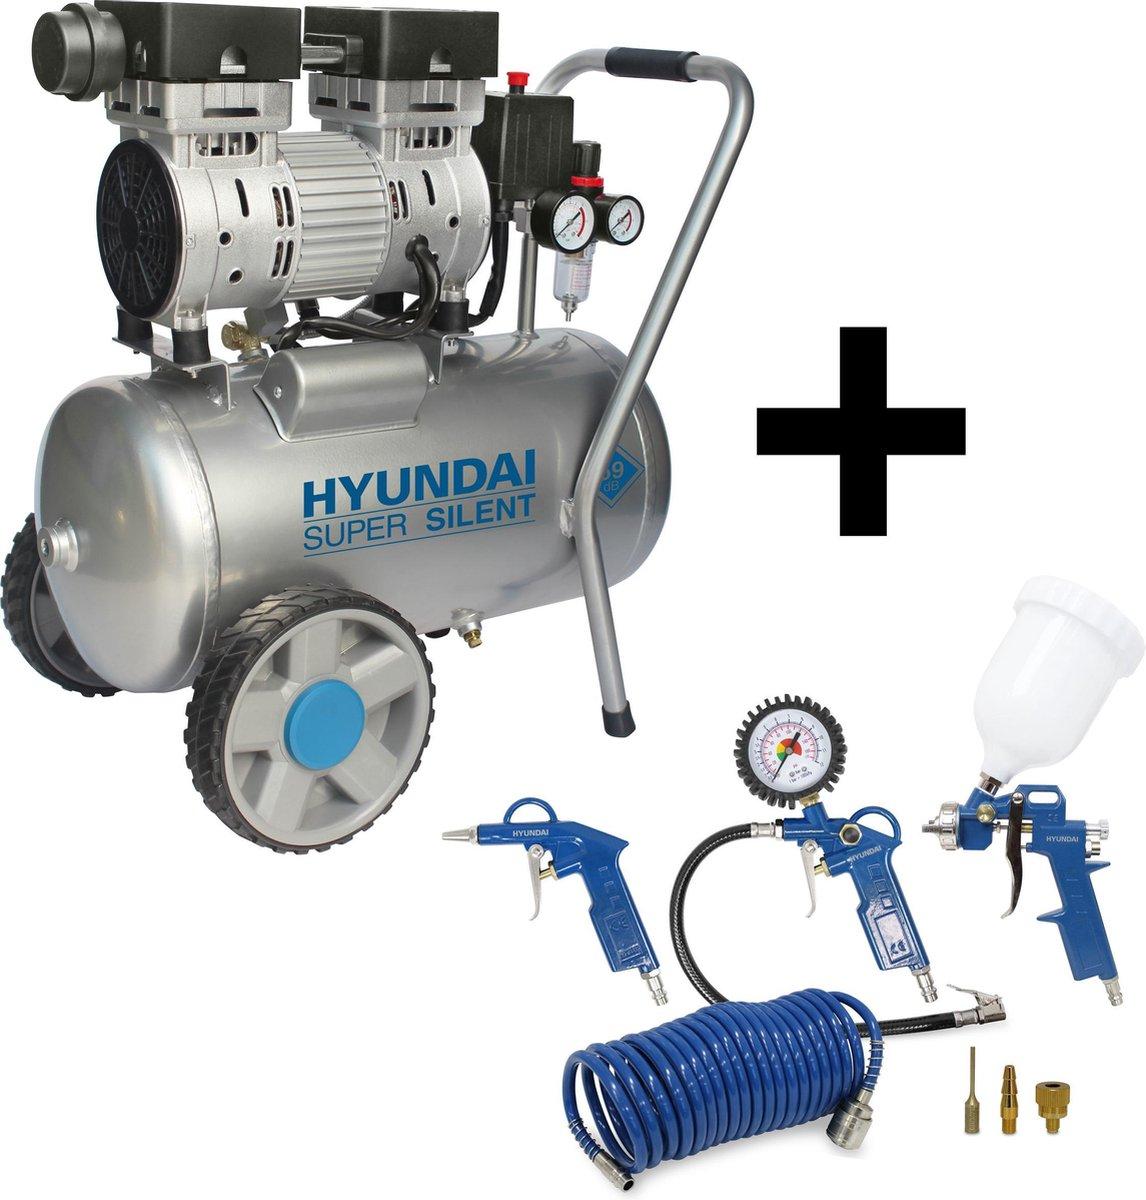 Hyundai stille compressor 24 liter - olievrij  / 8 BAR / 59 dB 'Super Silent' - DELUXE versie incl.